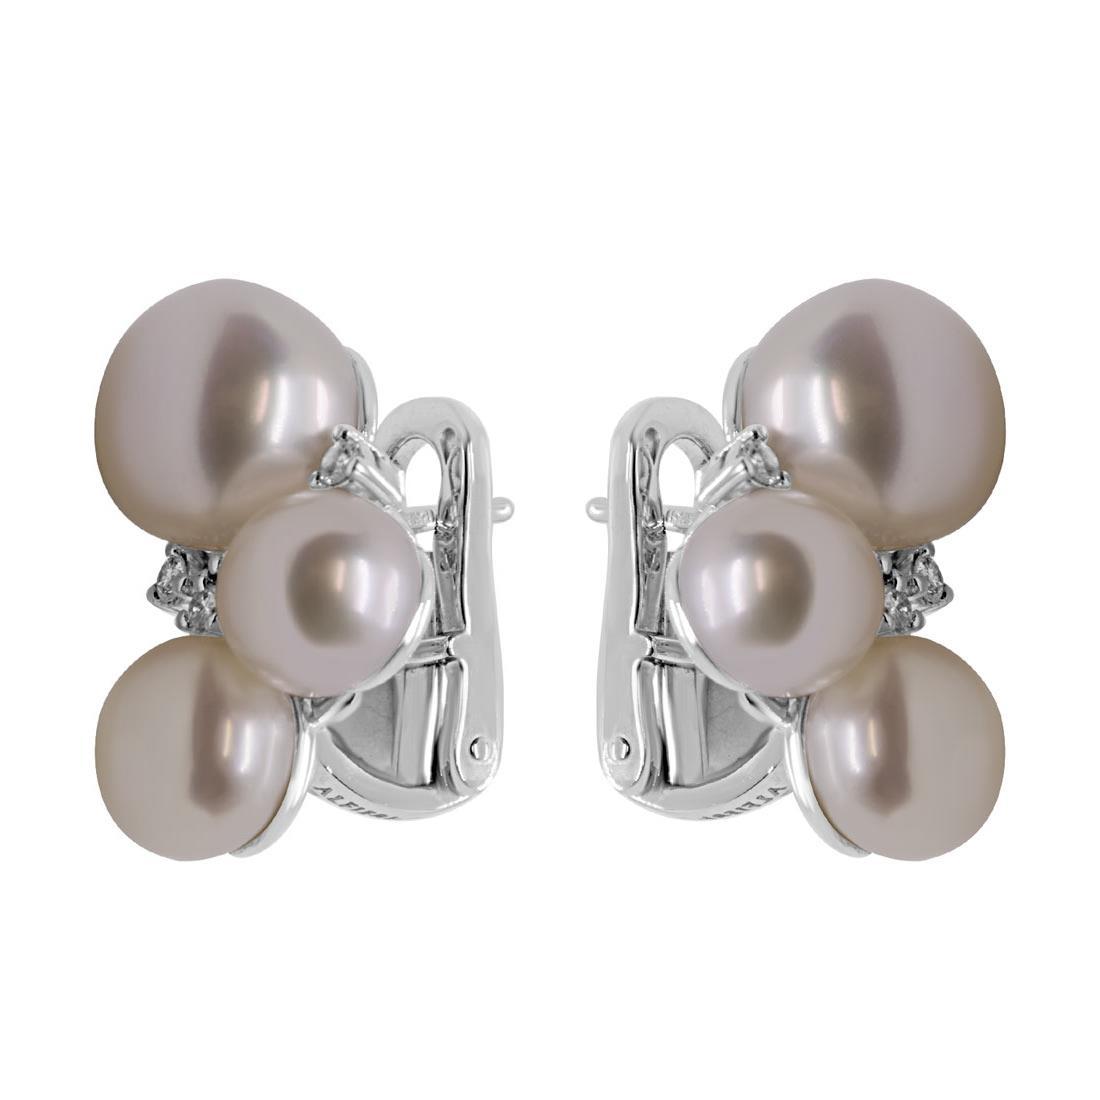 Orecchini Alfieri & St Joh con perle e diamanti ct 0,16 - ALFIERI & ST. JOHN